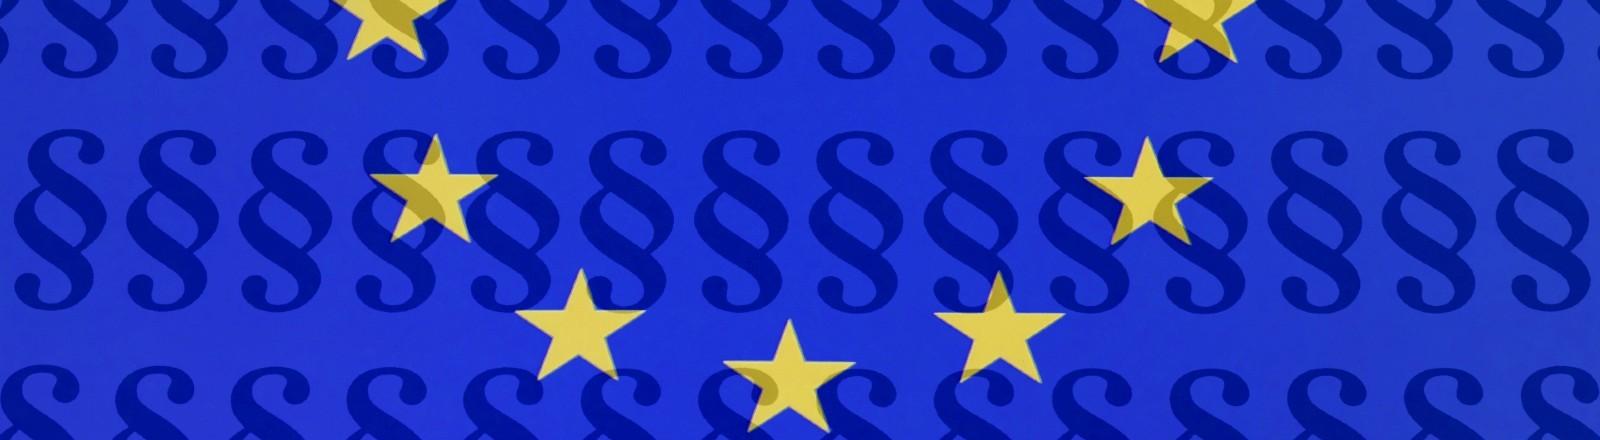 EU-Flagge mit Paragrafenzeichen.